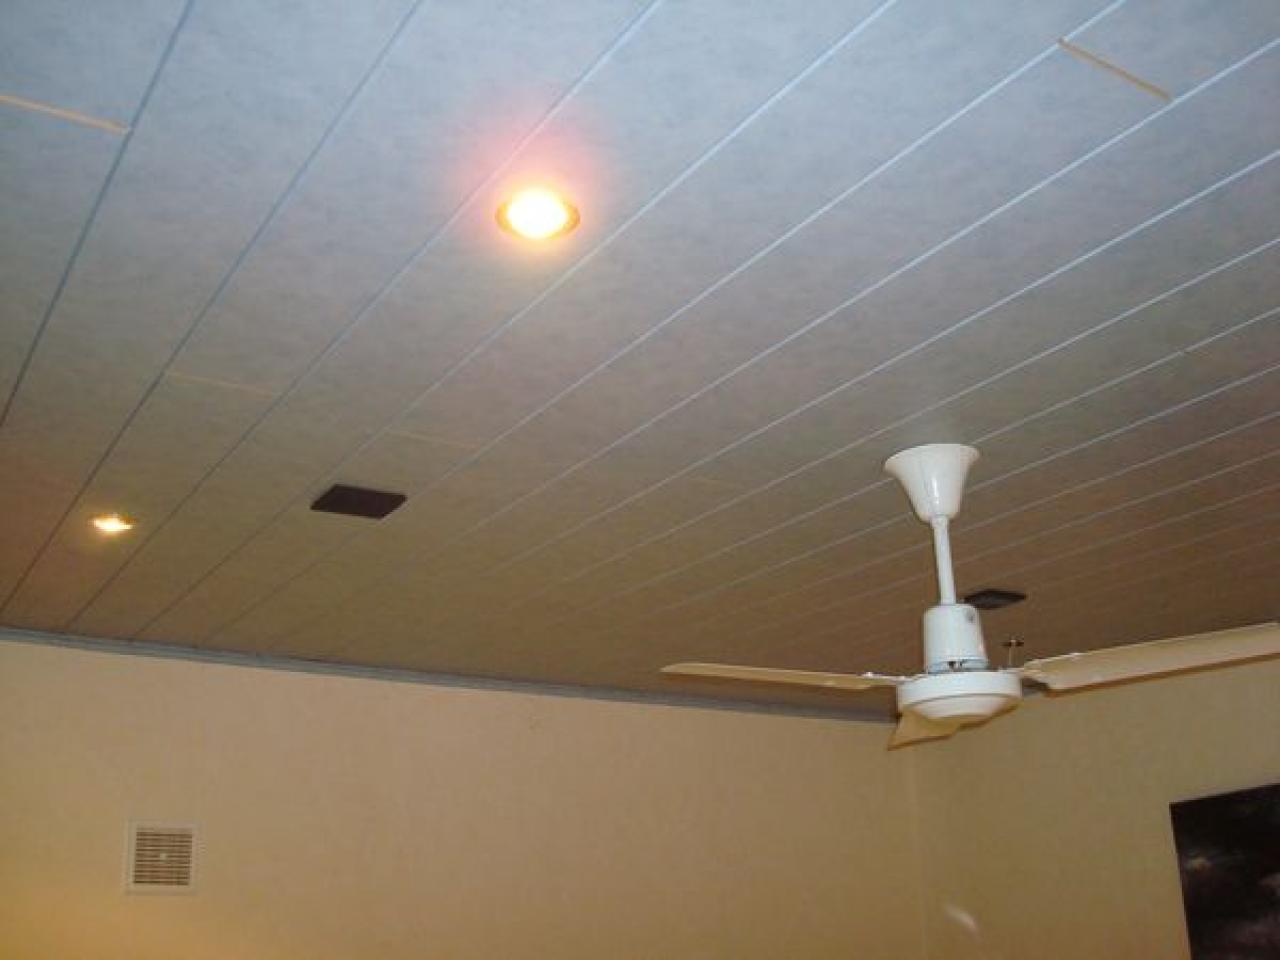 Eclairage salle de bain led for Pose sol pvc salle de bain